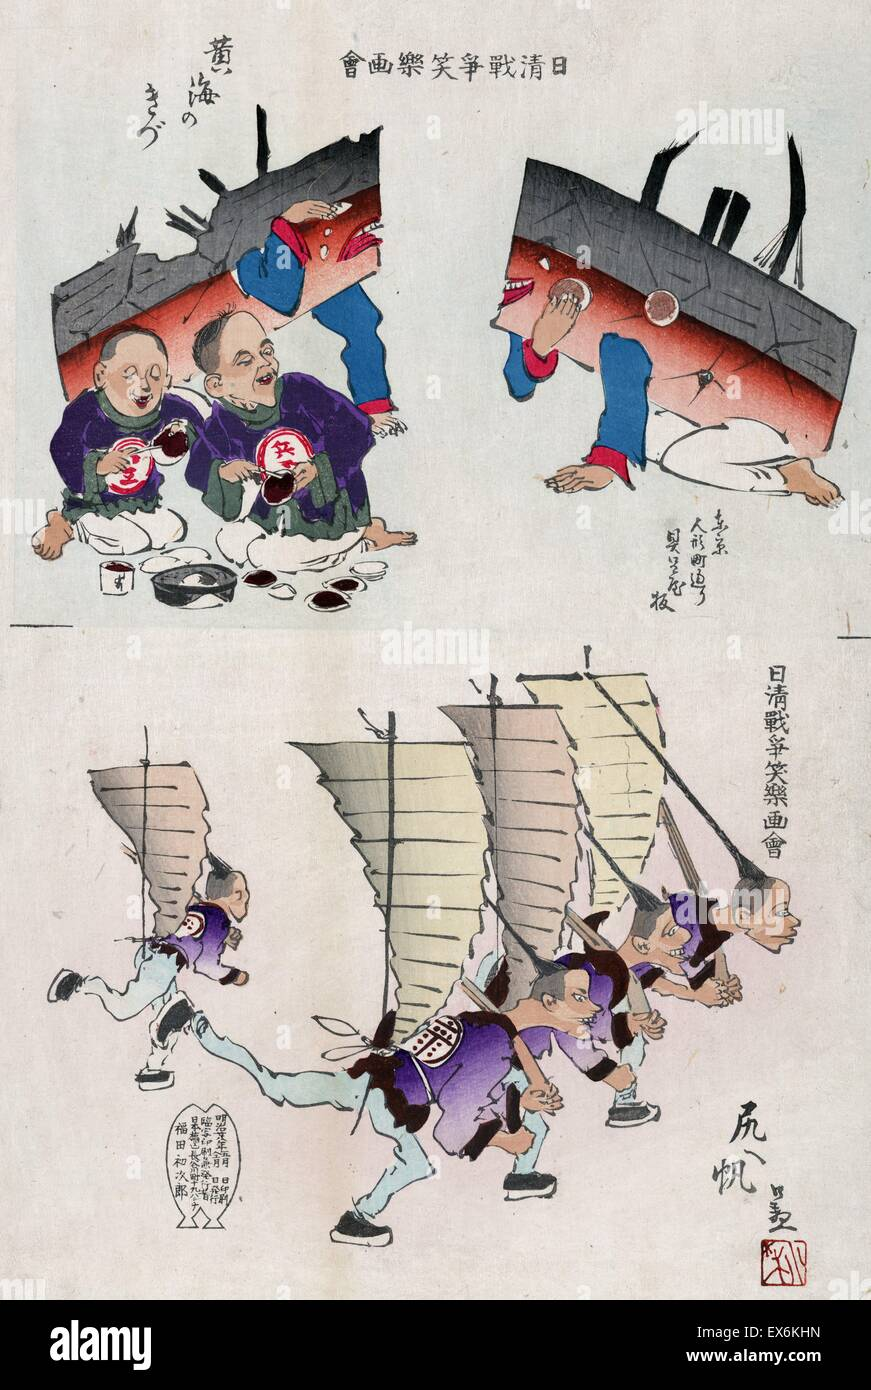 Colour illustration depicting damaged battleships receiving aid. Created by Kiyochika Kobayashi (1847-1915) artist. - Stock Image